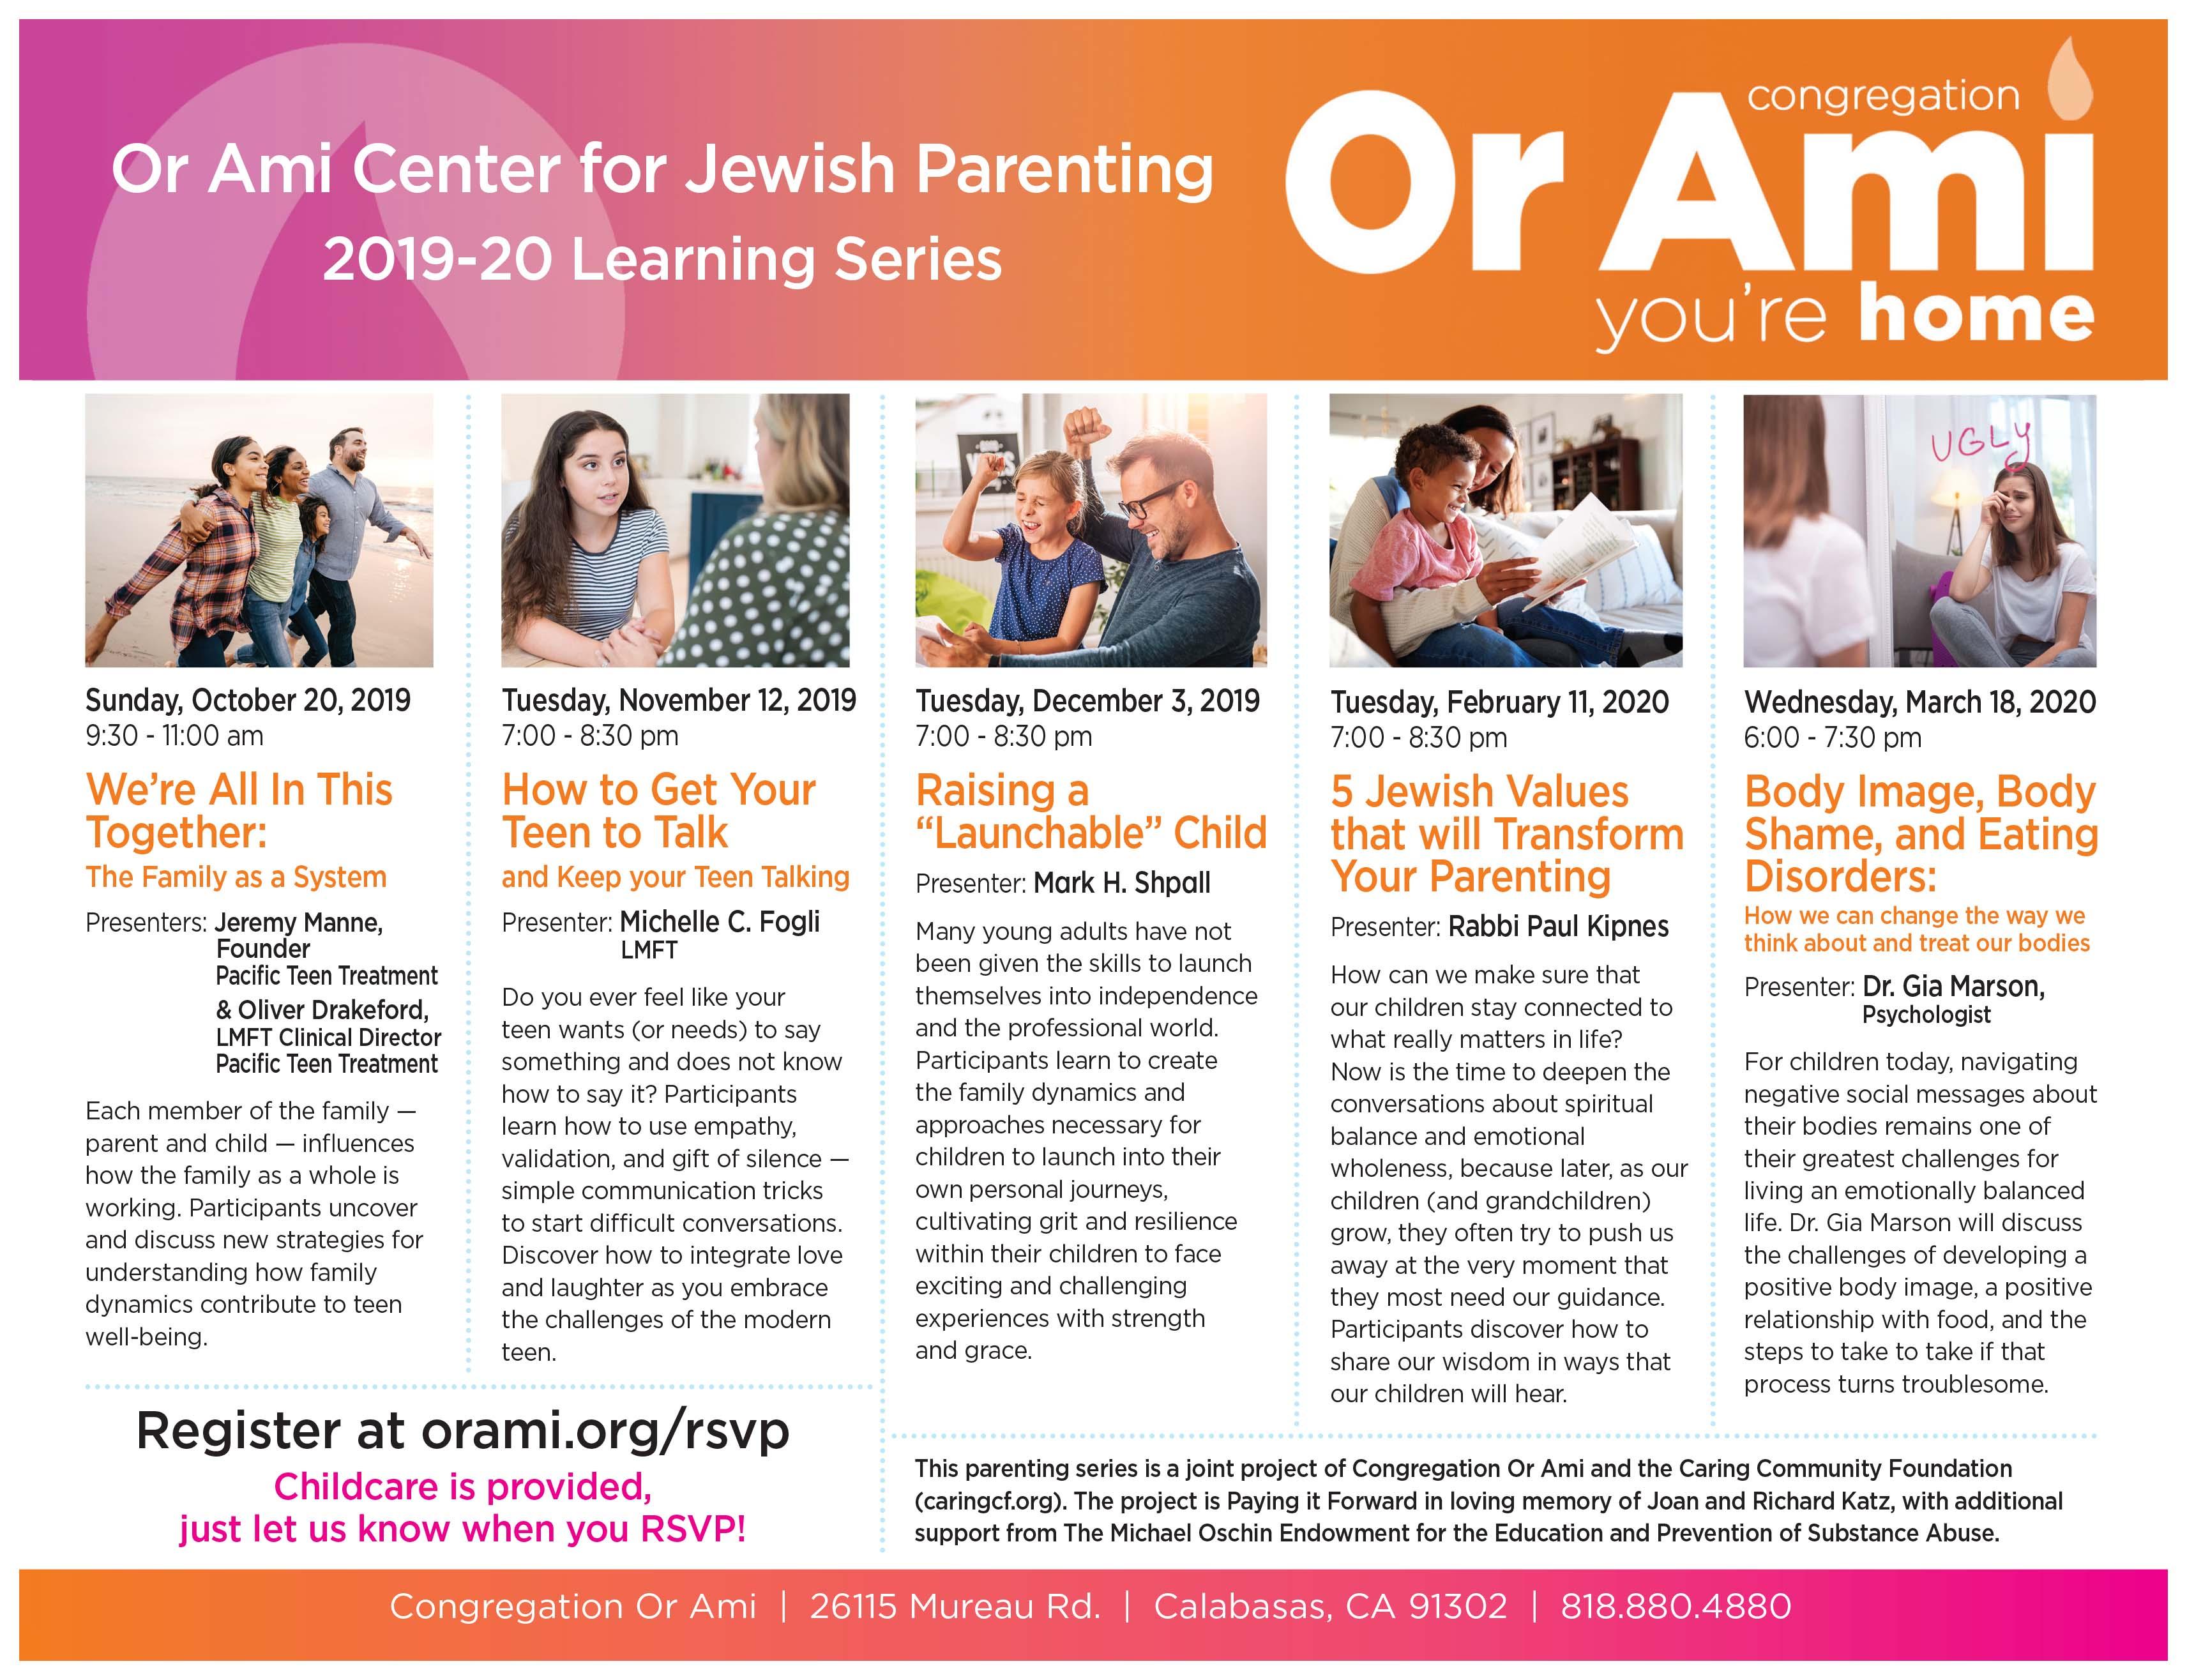 Or Ami Parenting Workshops Flyer 2019-2020